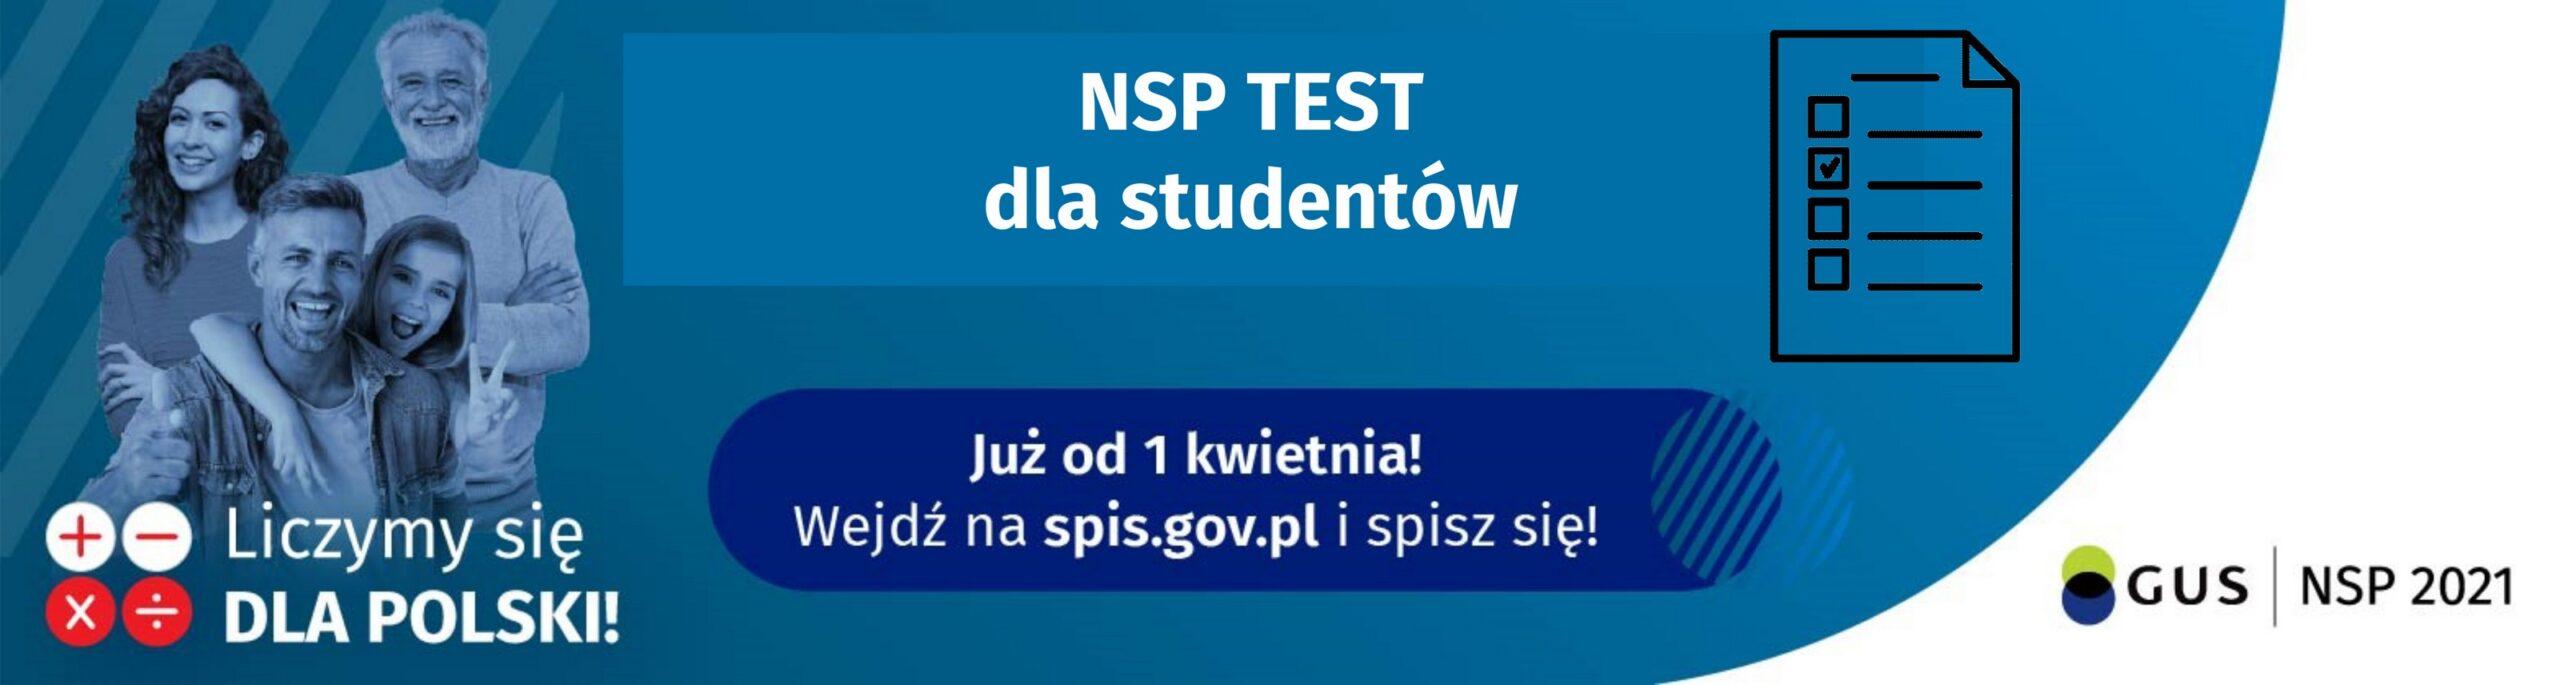 Grafika przedstawia baner konkursu NSP